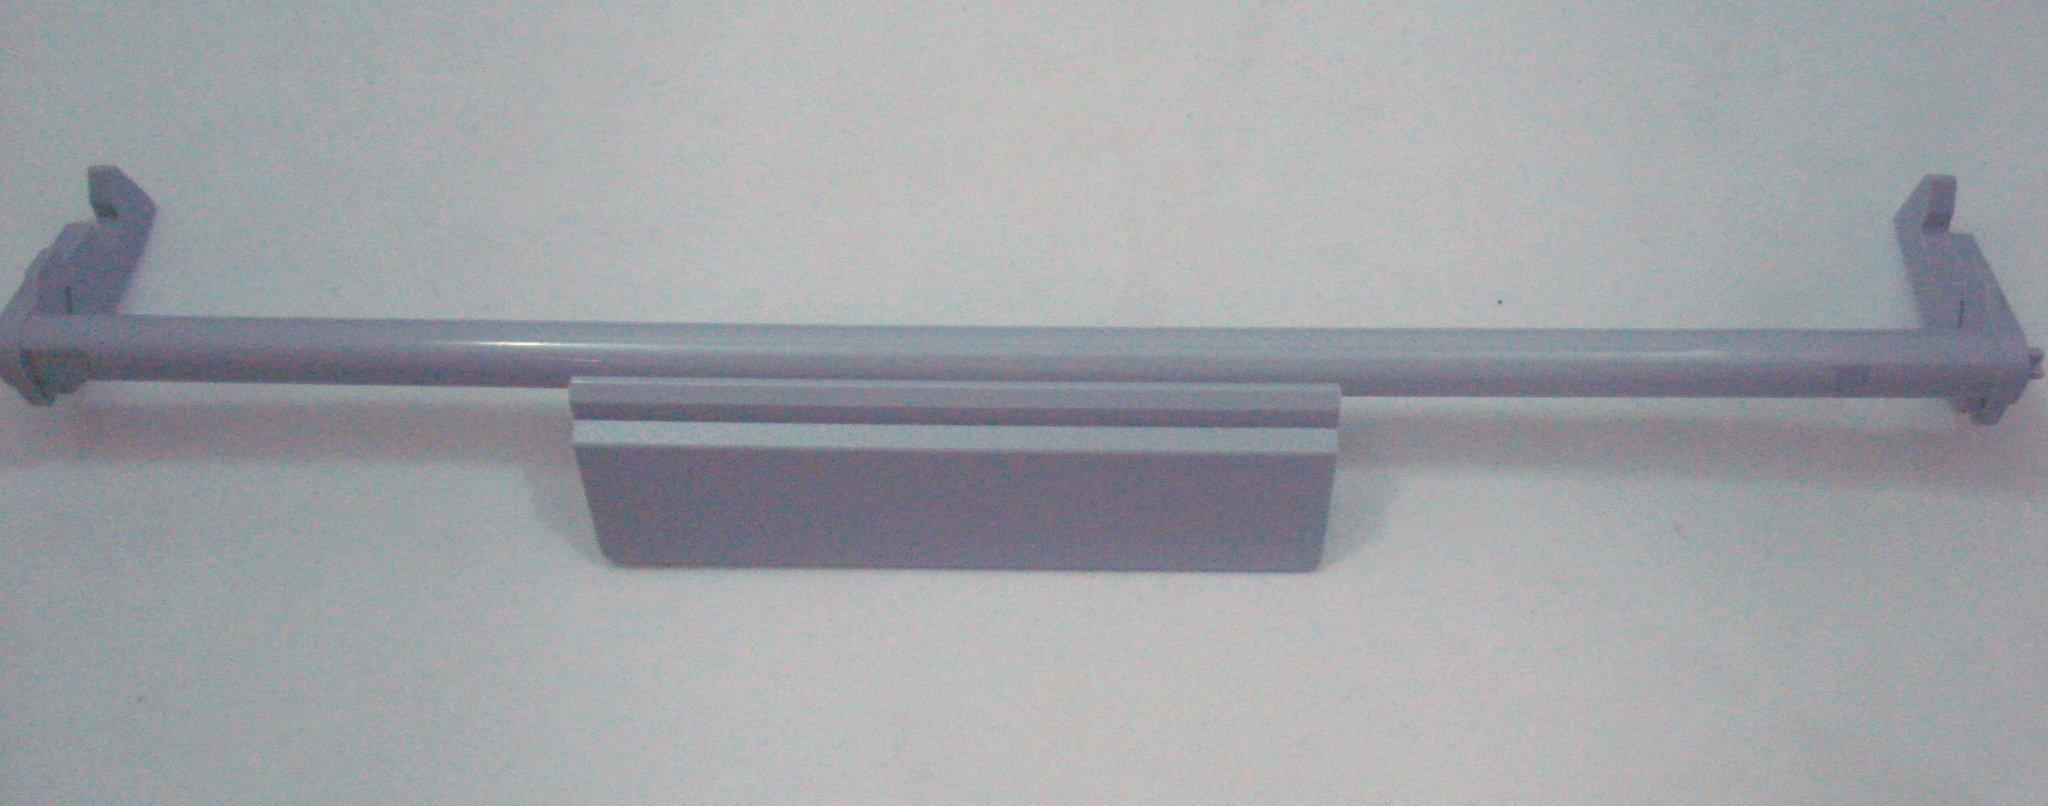 302KV29102 HOOK DU RELEASE- KYOCERA by Kyocera